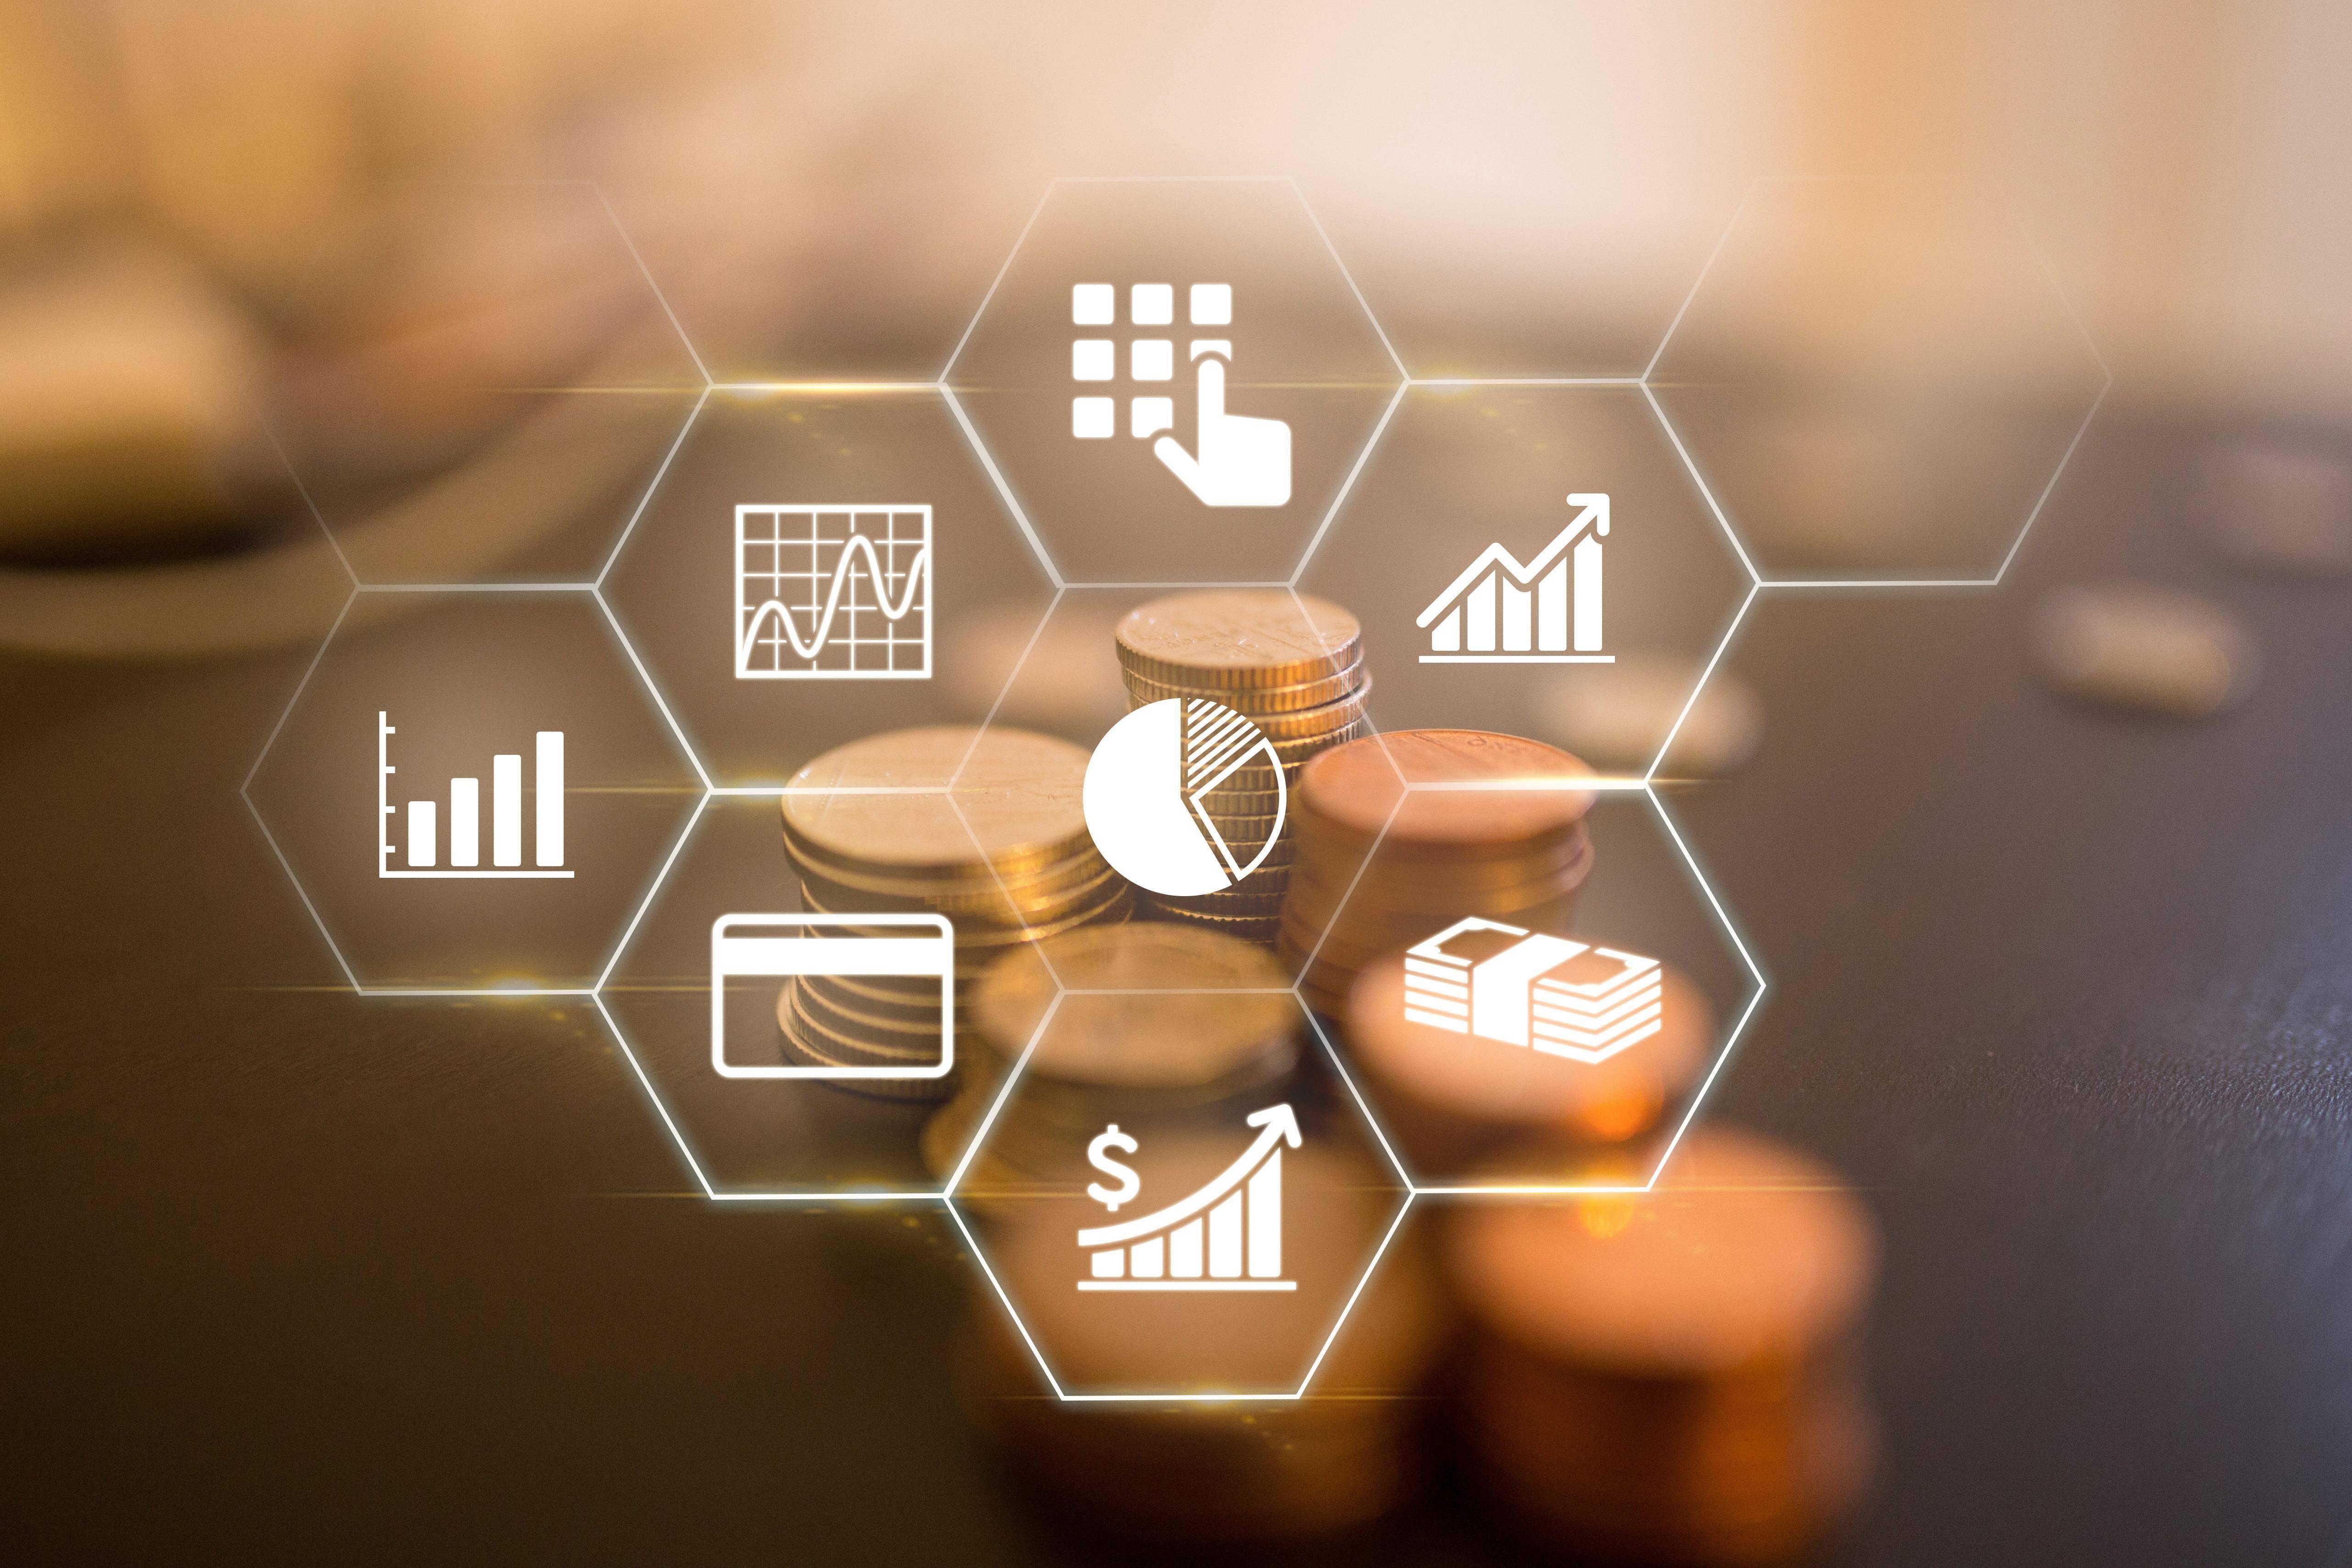 金融行业搜索引擎优化解决方案